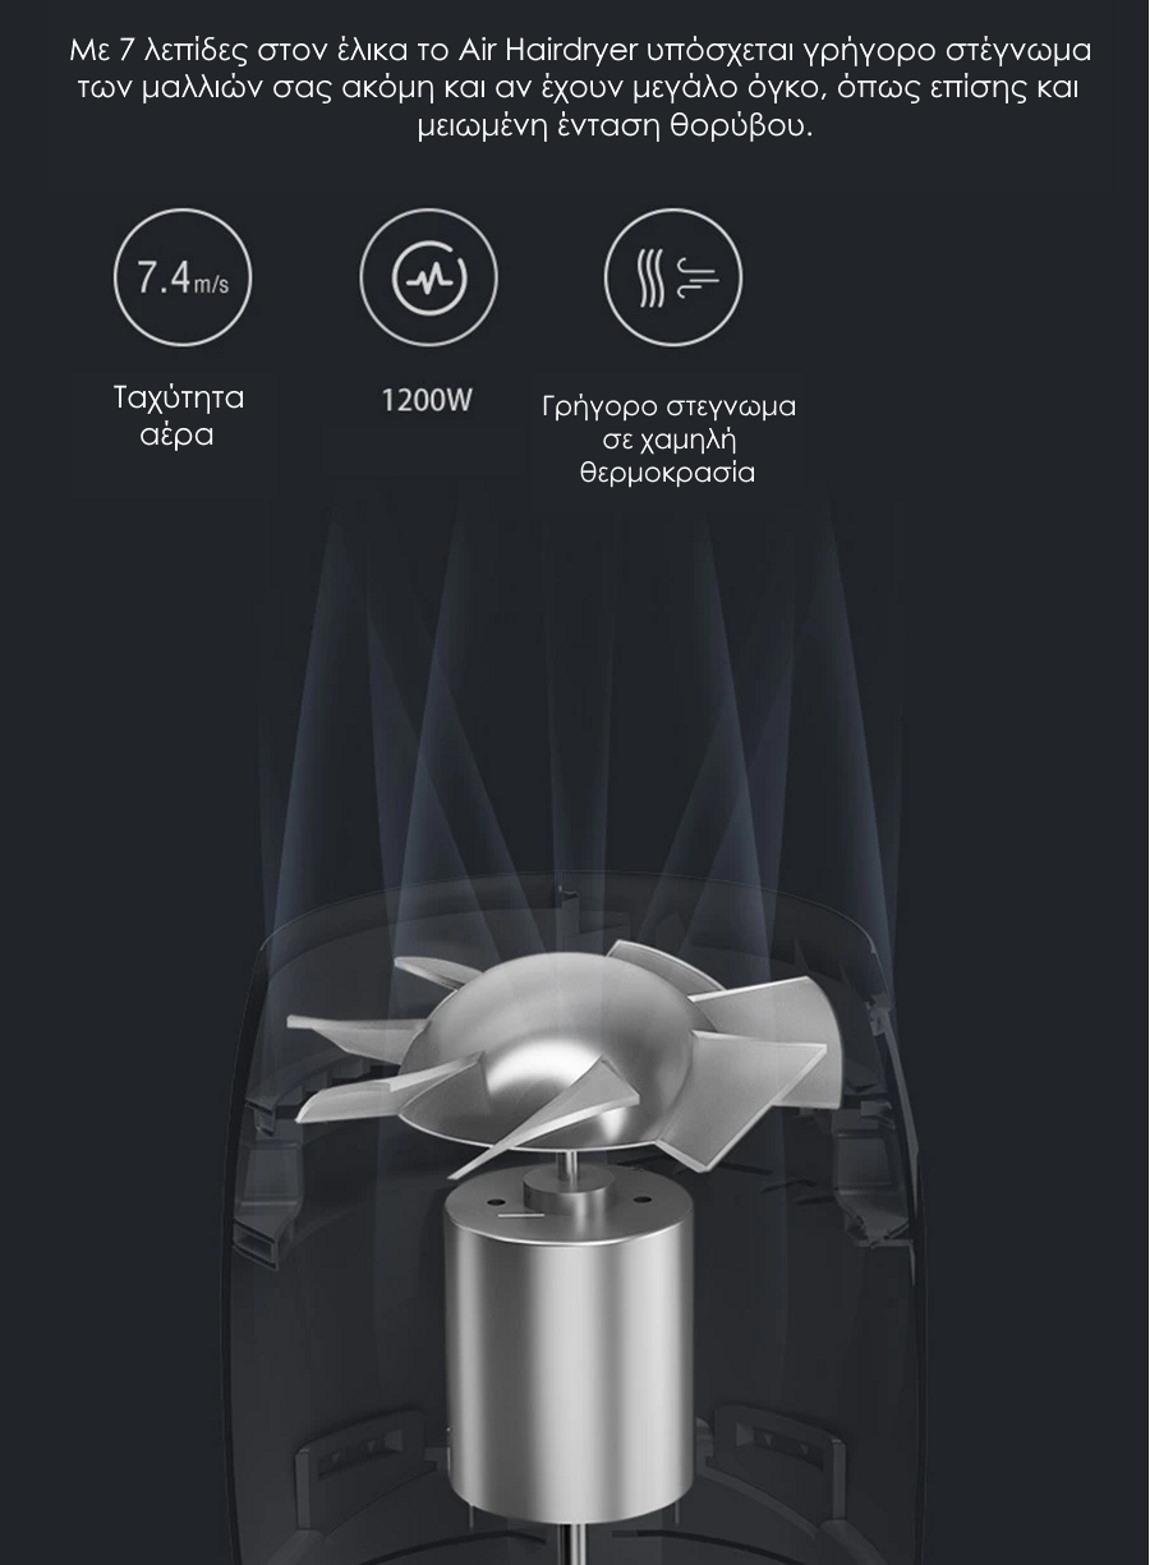 θερμοκρασία και λειτουργία dryer